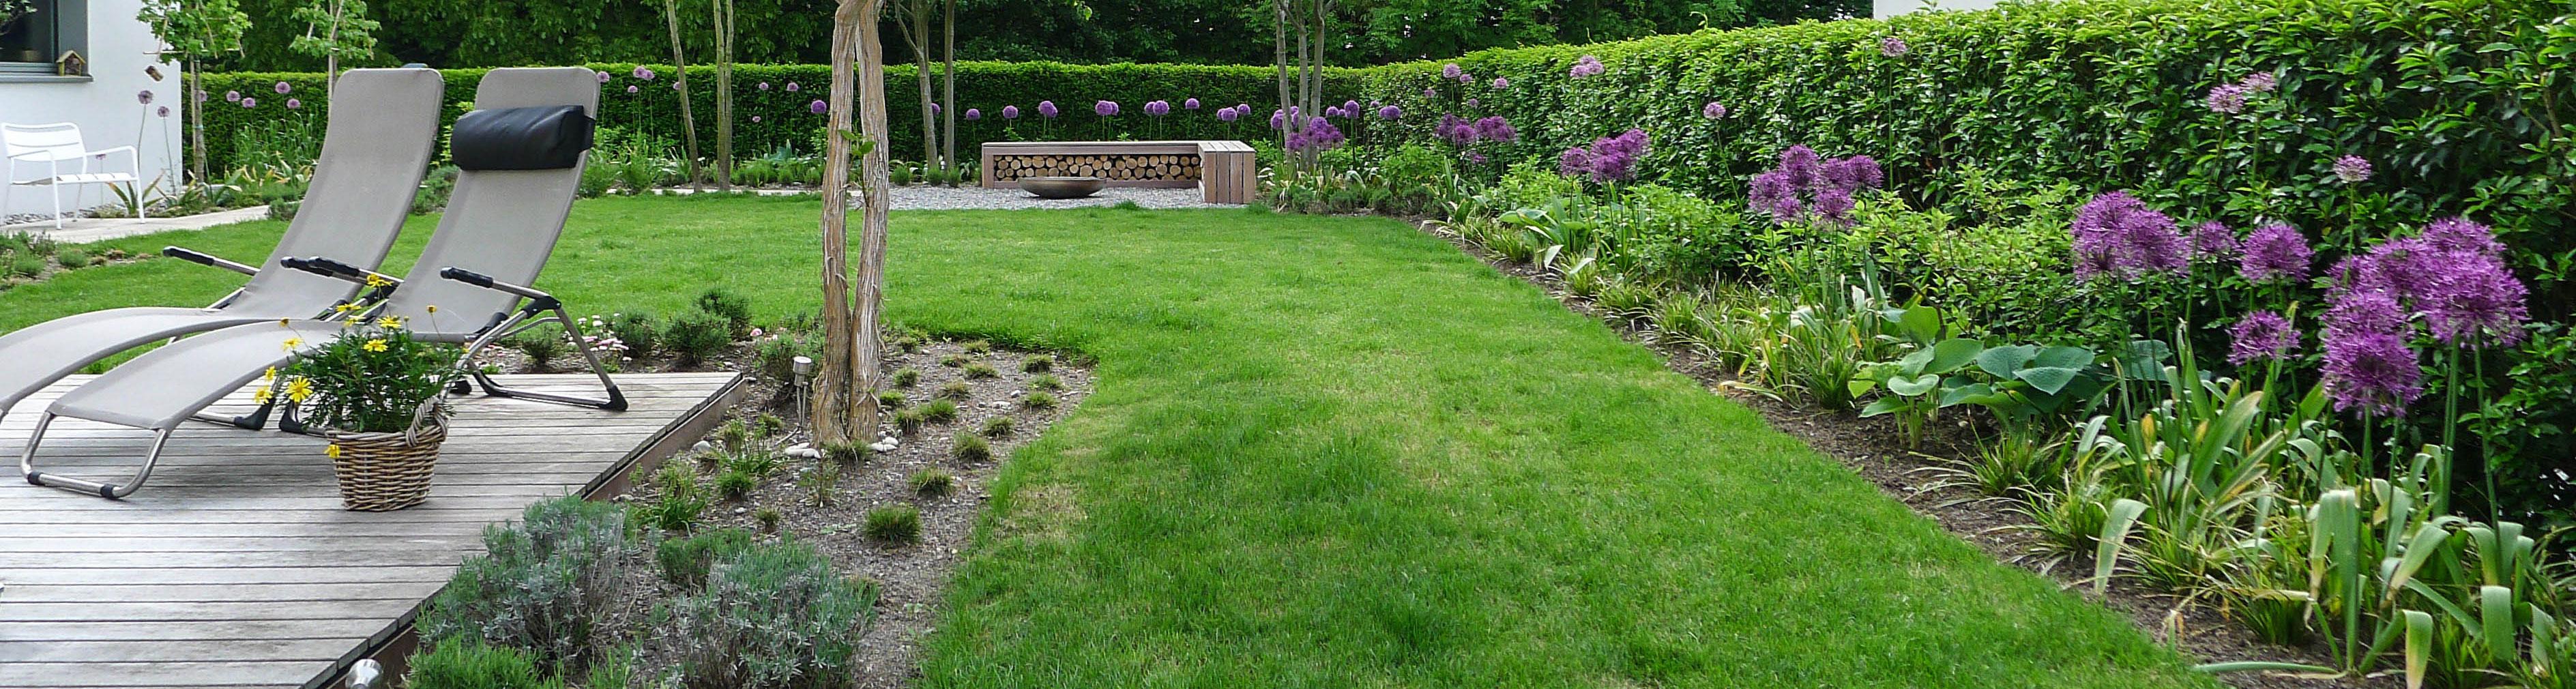 Angebot gartengestaltung gartengestaltung for Gartengestaltung neubau